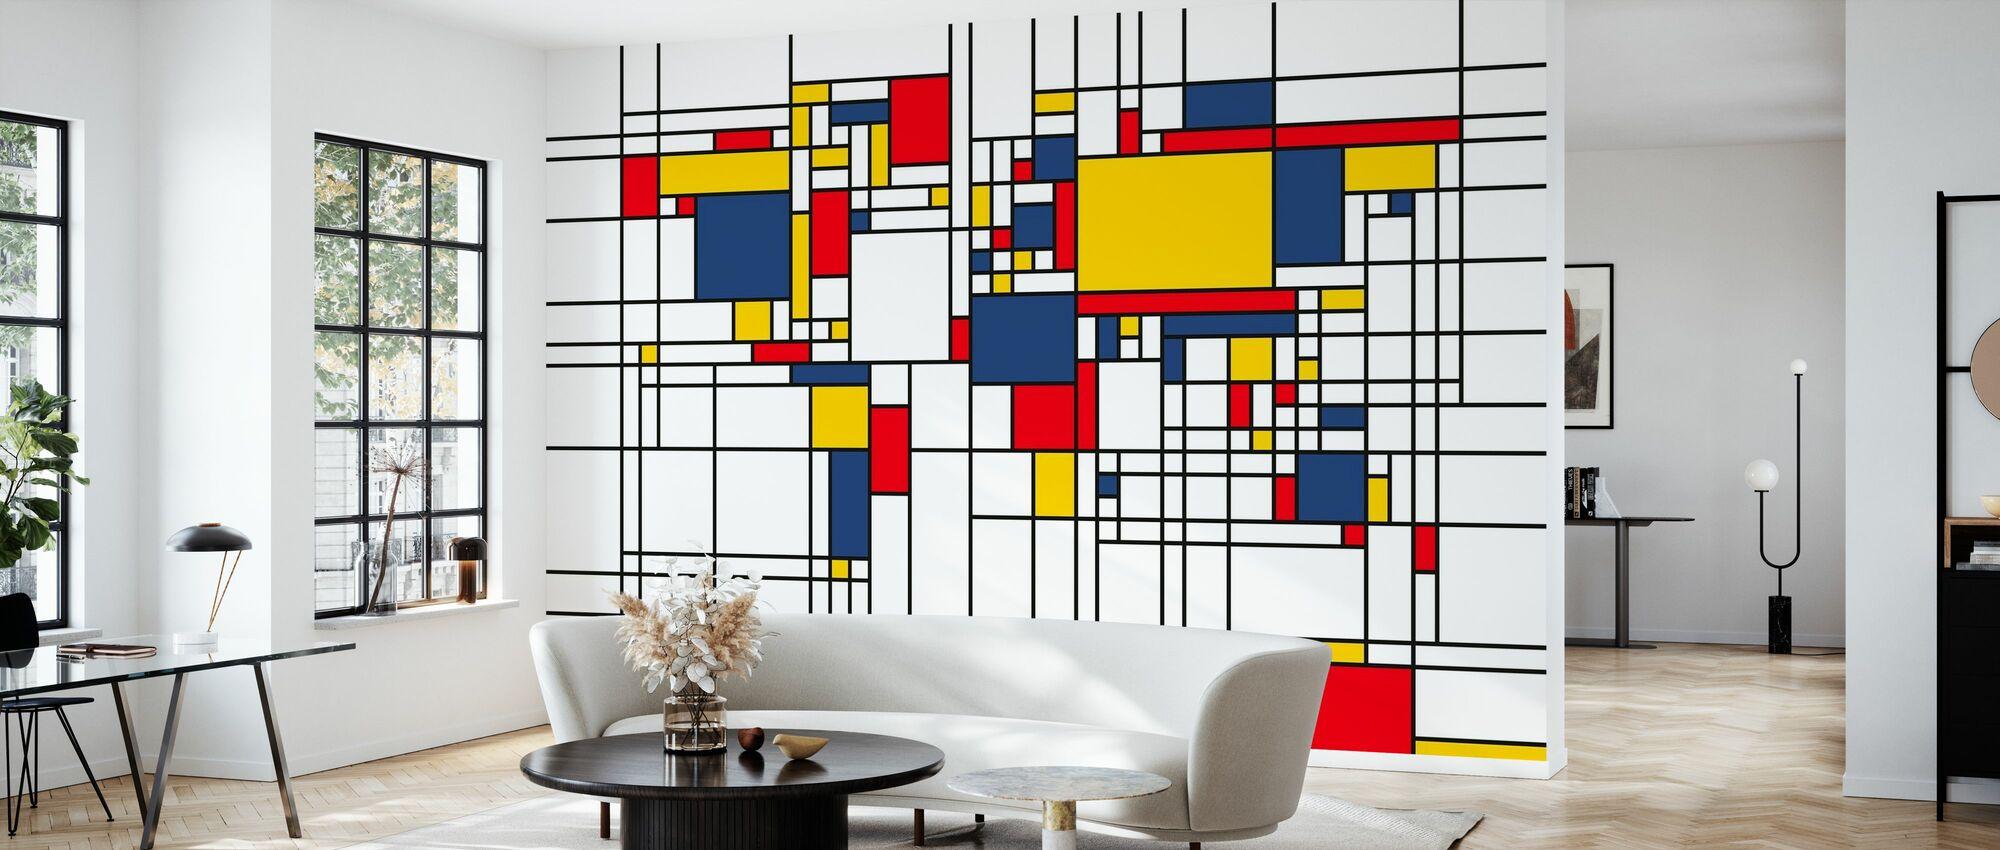 Piet Mondrian Style Weltkarte - Tapete - Wohnzimmer